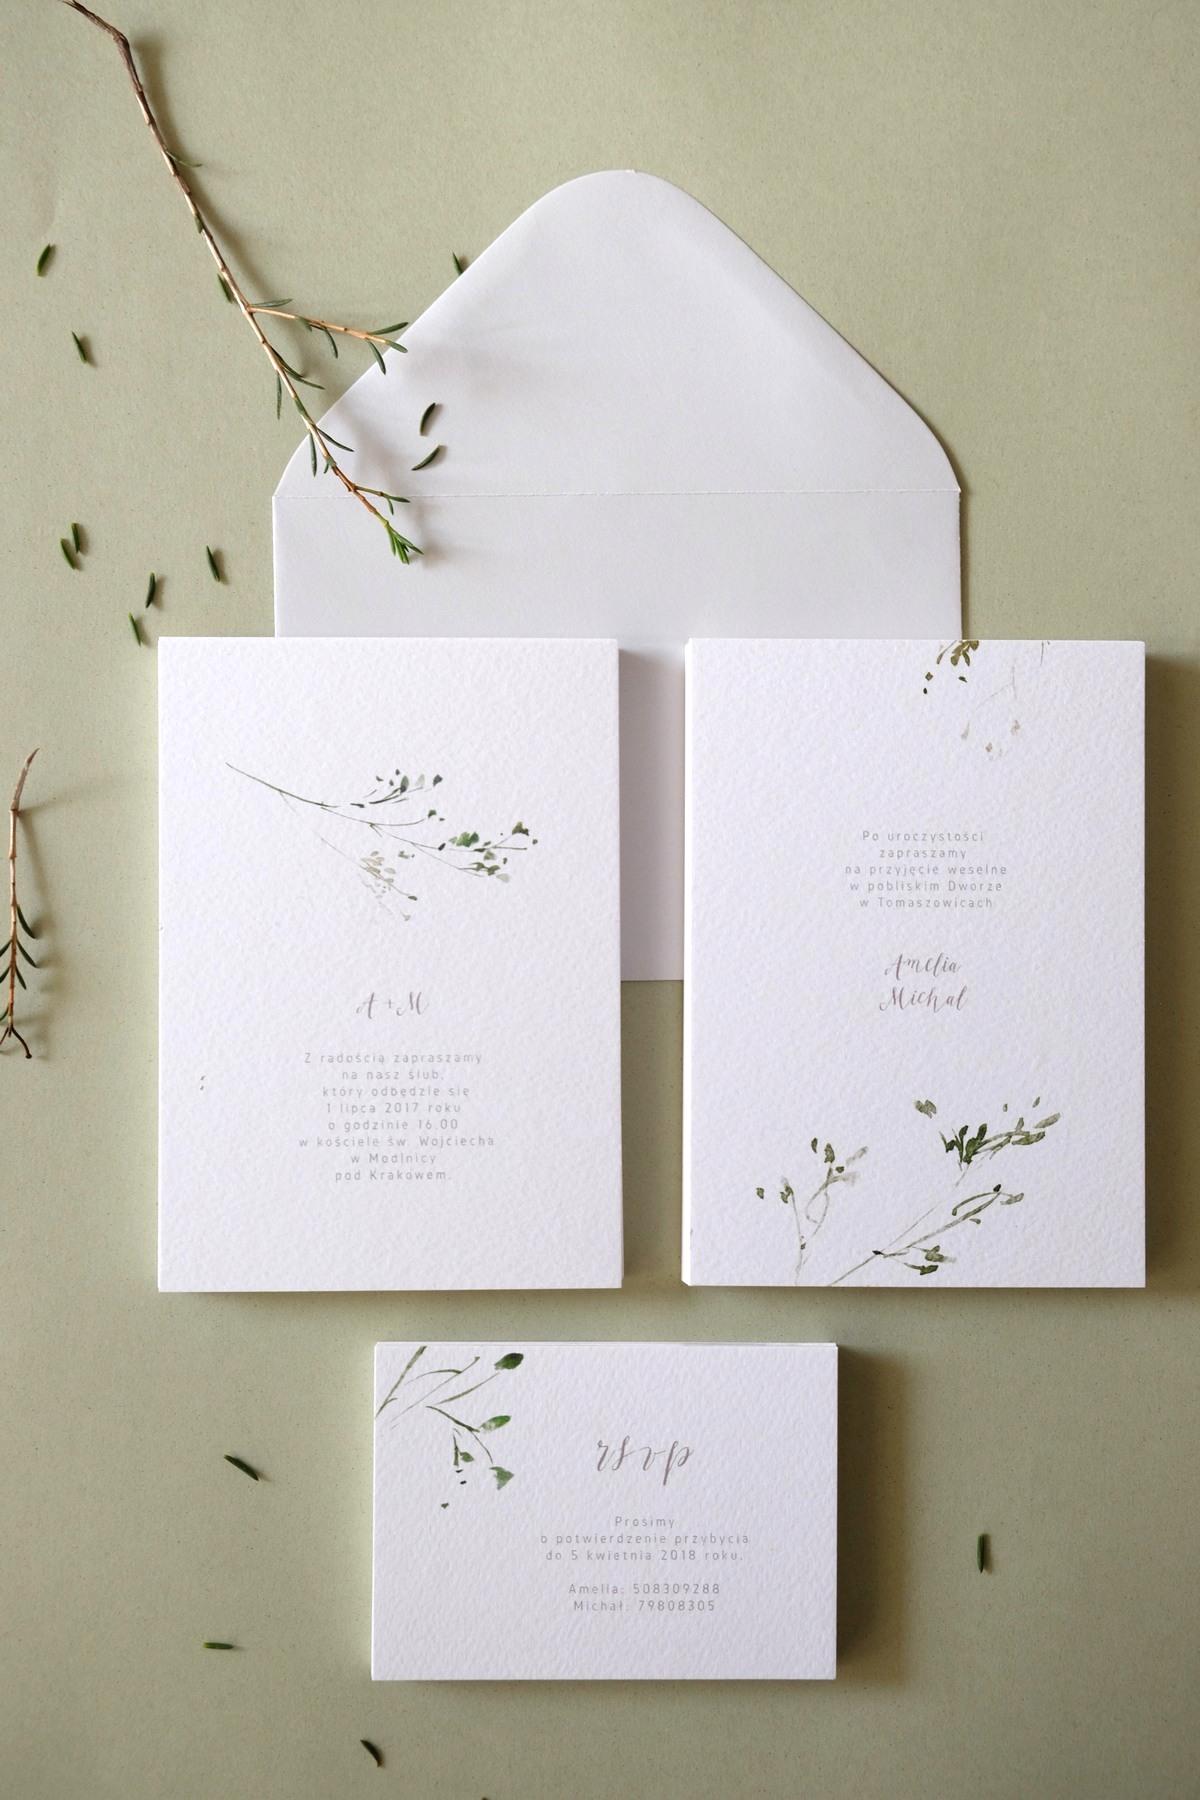 Oryginalne-Zaproszenia-Ślubne-z-Motywem-Zielonej-Gałązki-Herbarium2